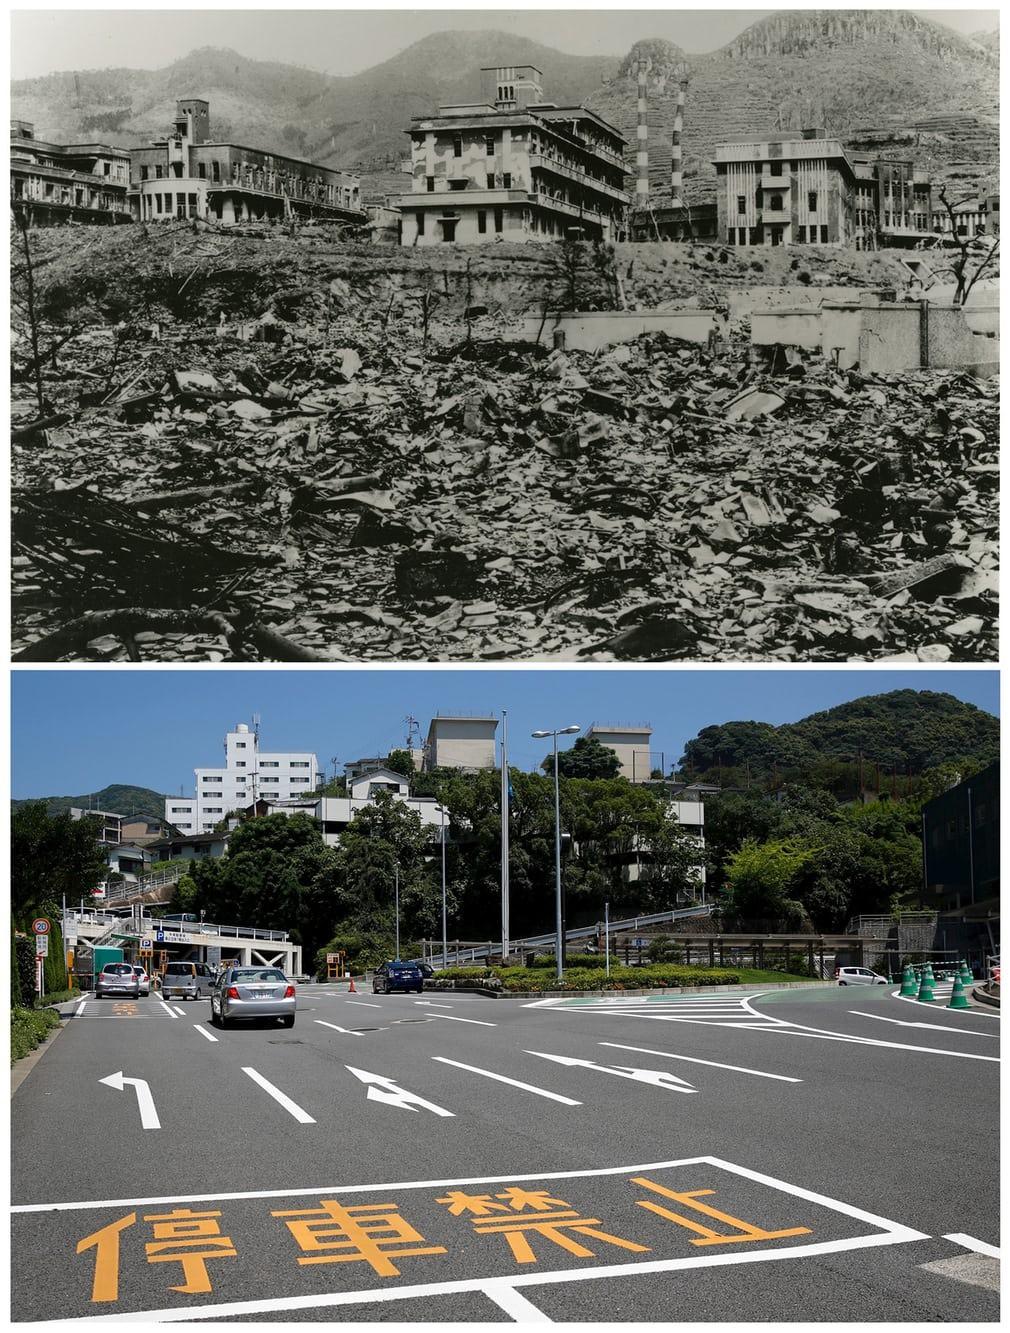 74 năm sau thảm họa bom nguyên tử: Thành phố Hiroshima và Nagasaki hồi sinh mạnh mẽ, người sống sót nhưng mãi chỉ nằm lại ở quá khứ - Ảnh 8.